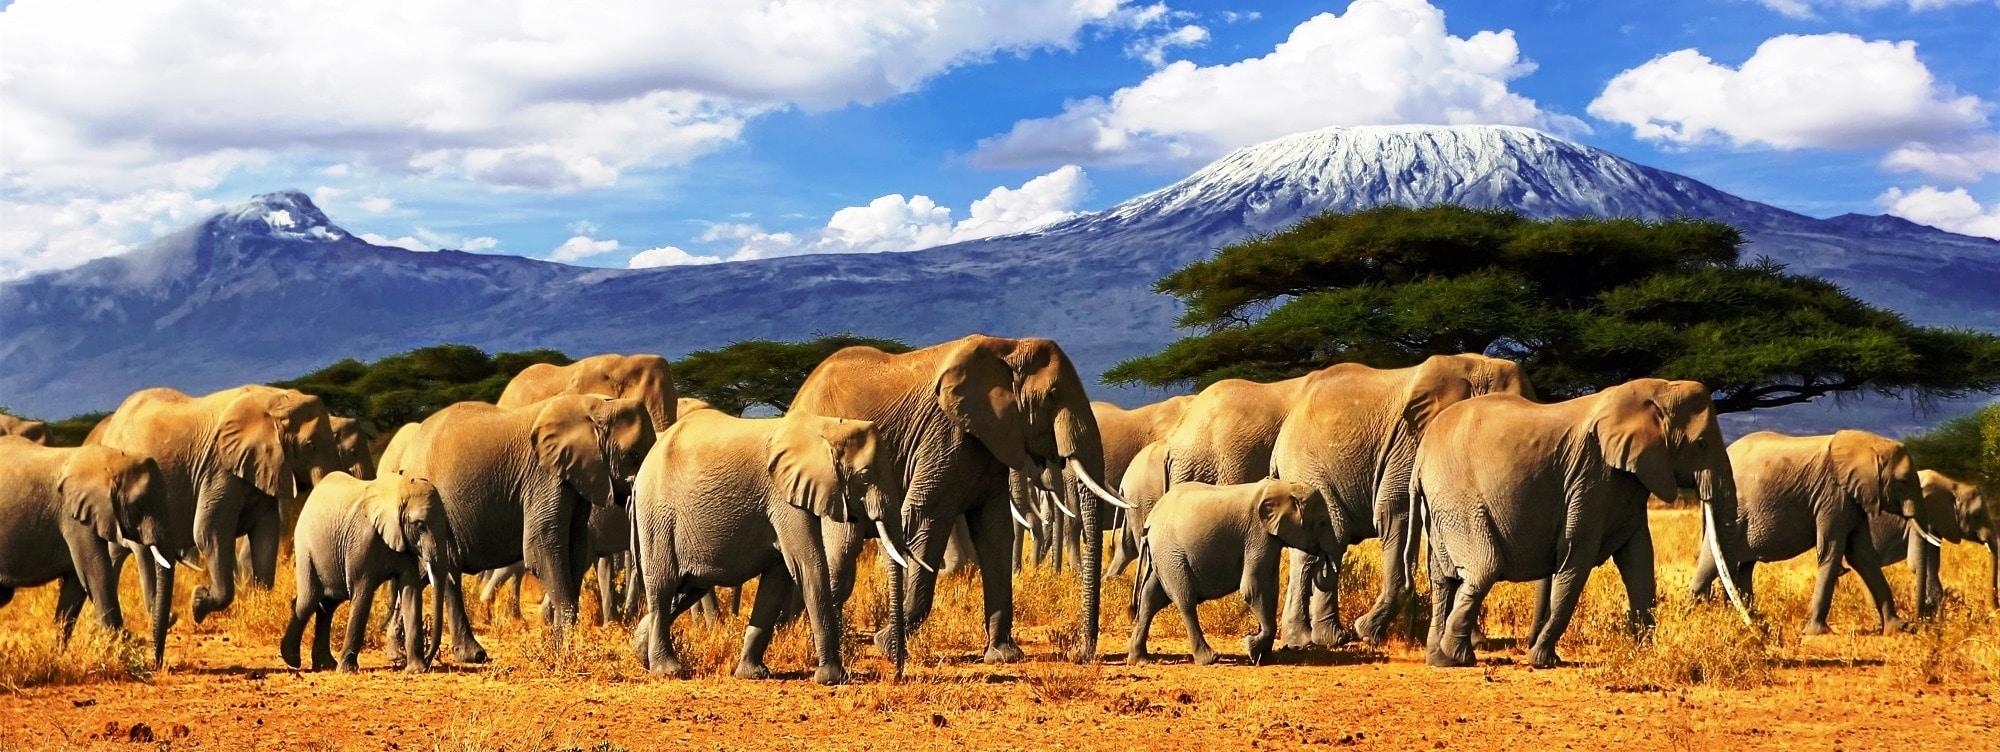 Safari mit Elefanten und Kilimandscharo im Hintergrung